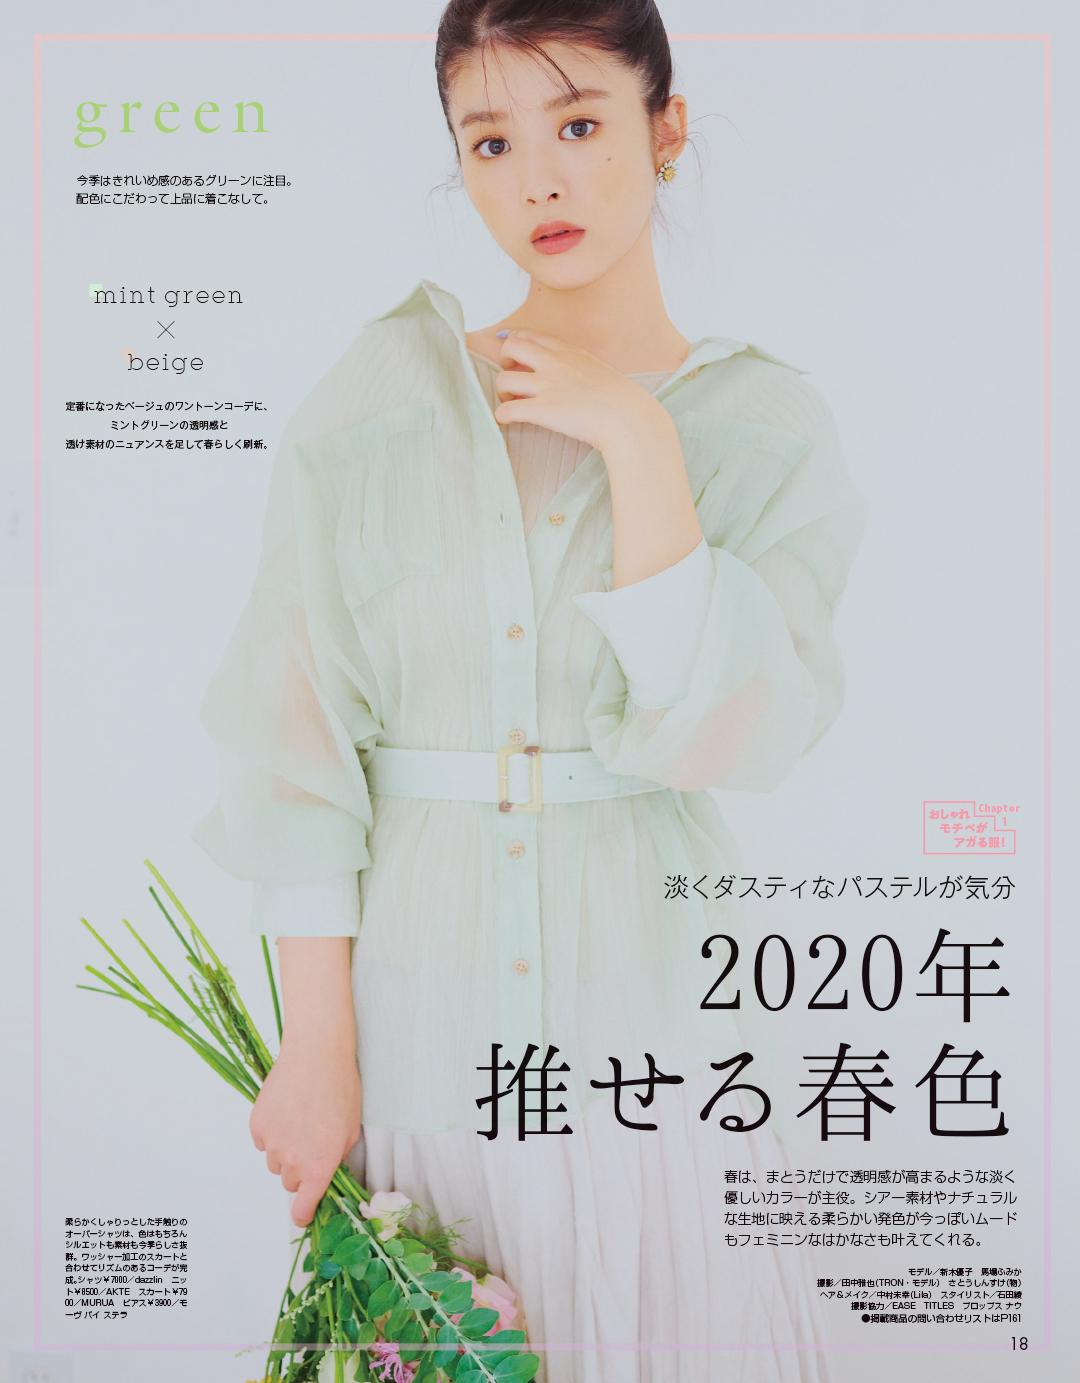 2020年推せる春色